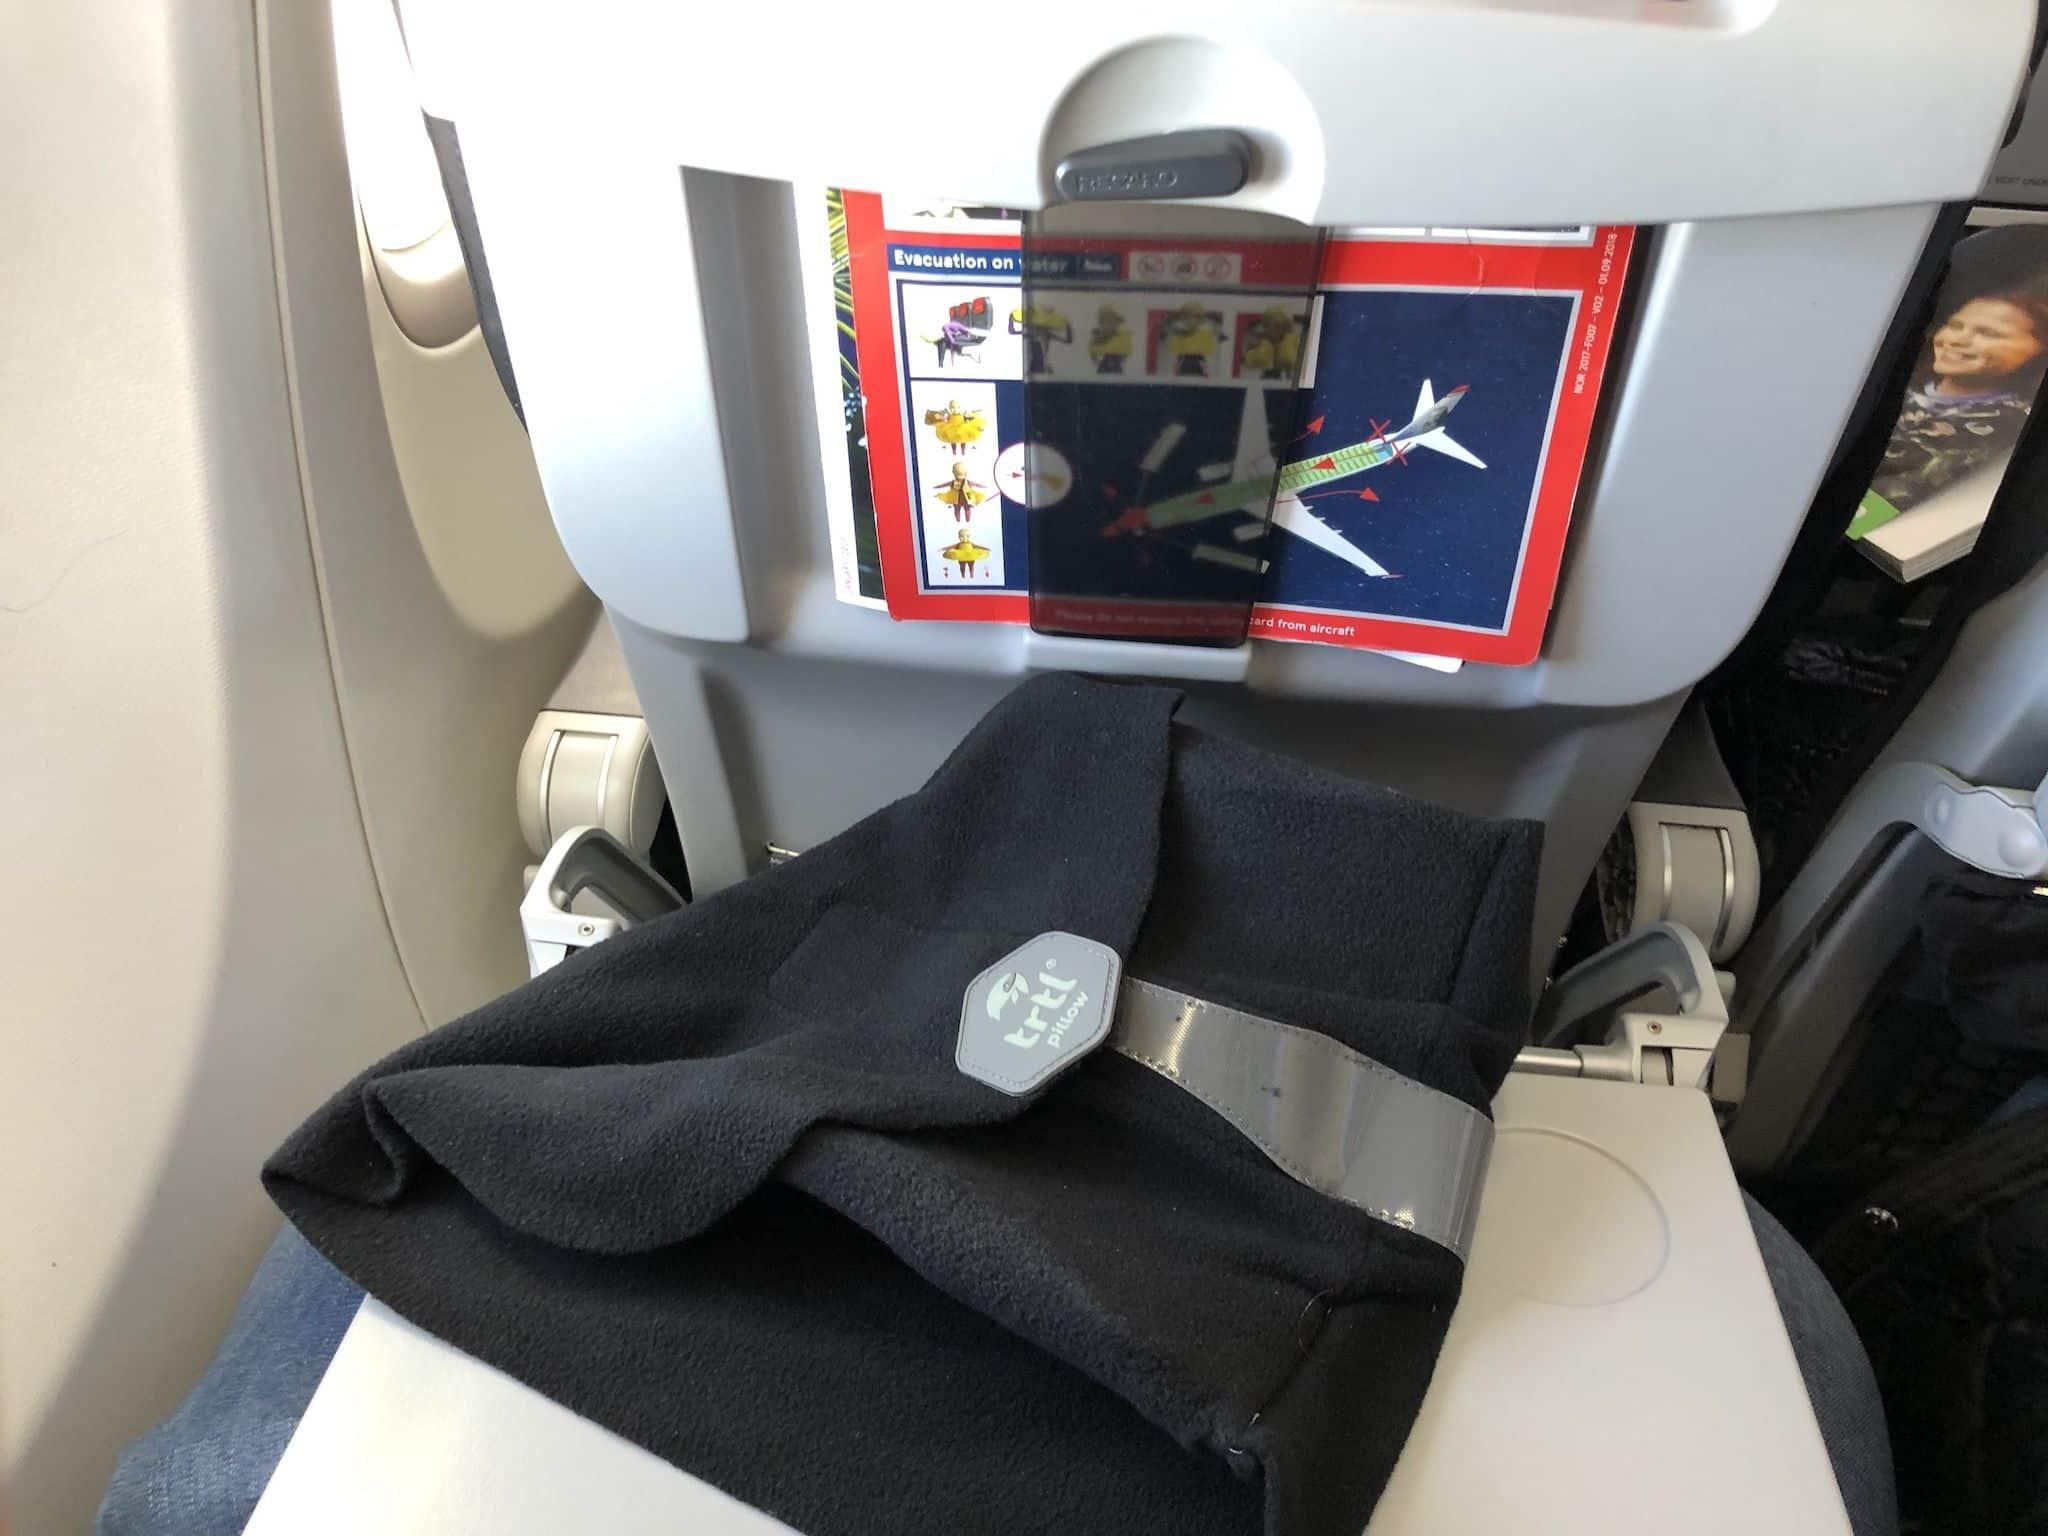 Das Reise-Nackenkissen ist so kompakt, dass es problemlos in jedes kleine Handgepäckstück passt. Foto: Sascha Tegtmeyer